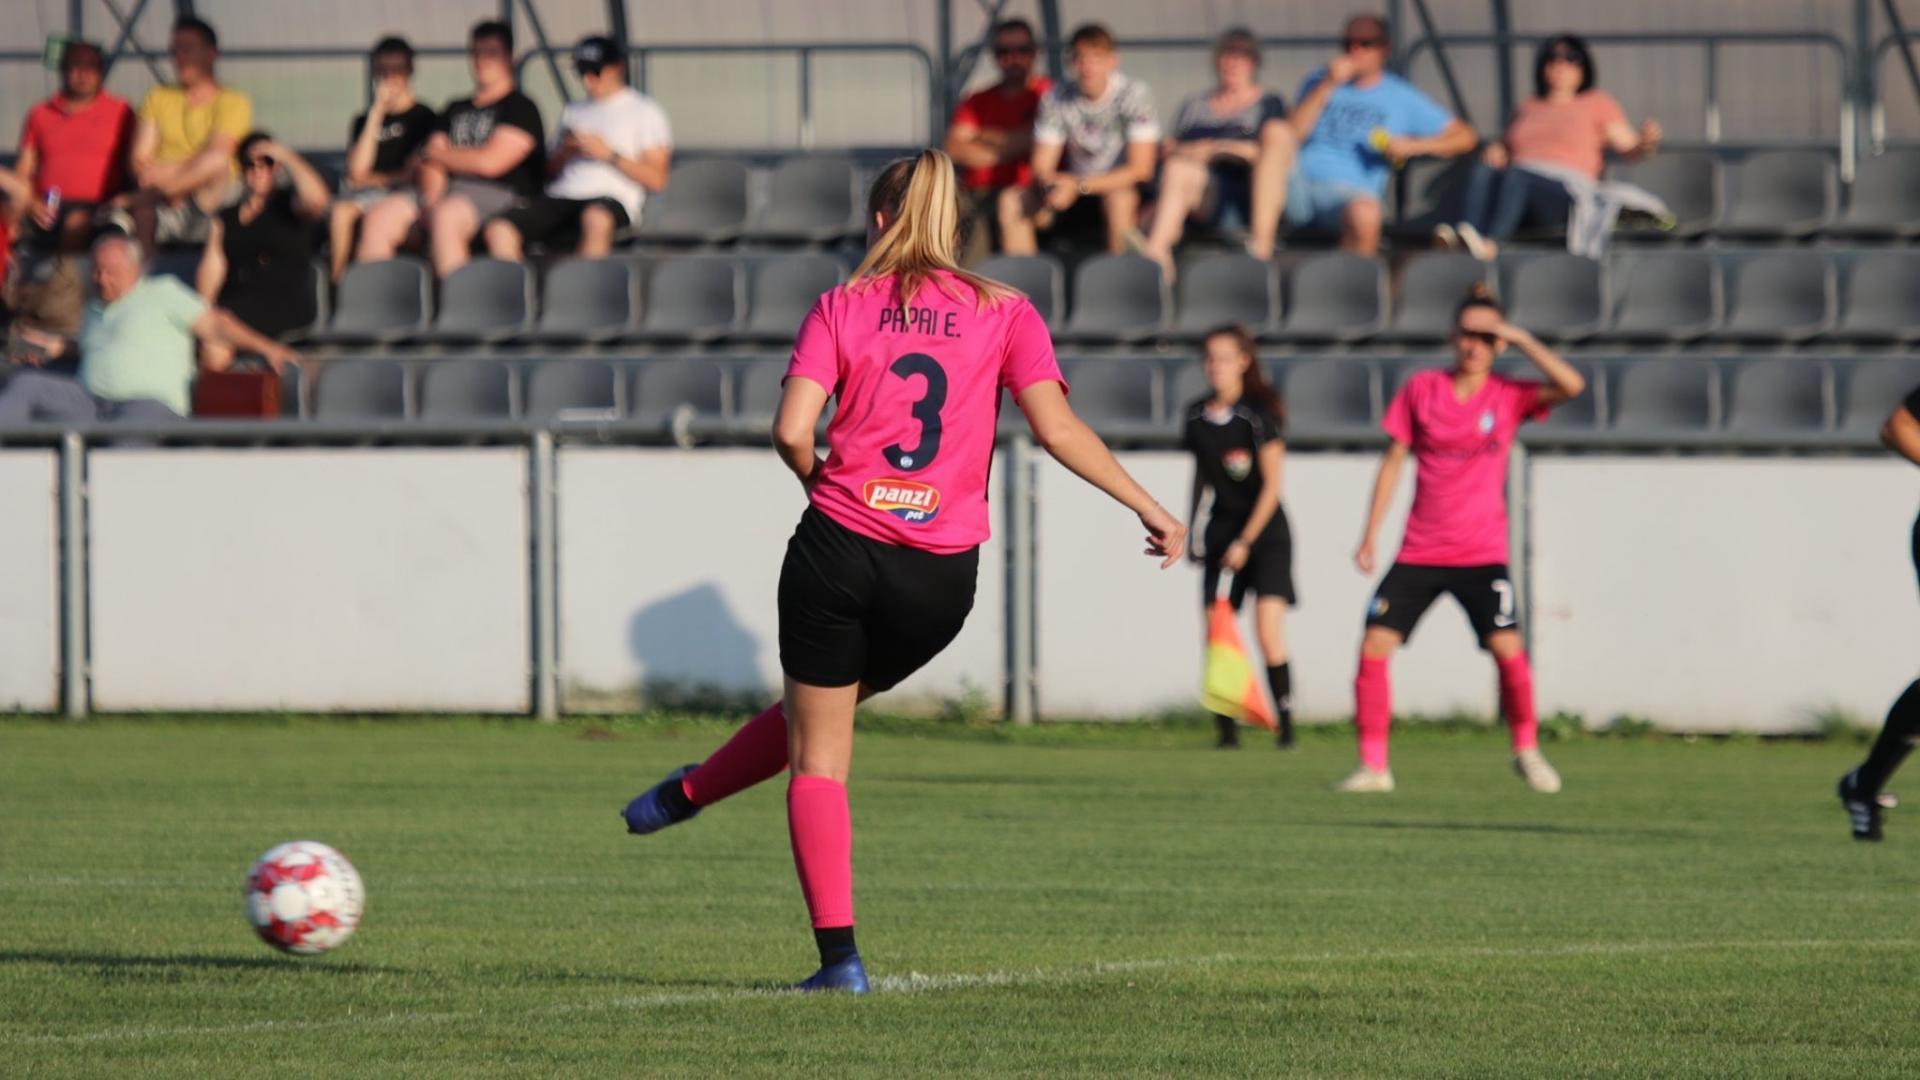 Összefoglaló: MTK Hungária FC-KÉSZ-St. Mihály FC 6-0 (4-0) (Videó)